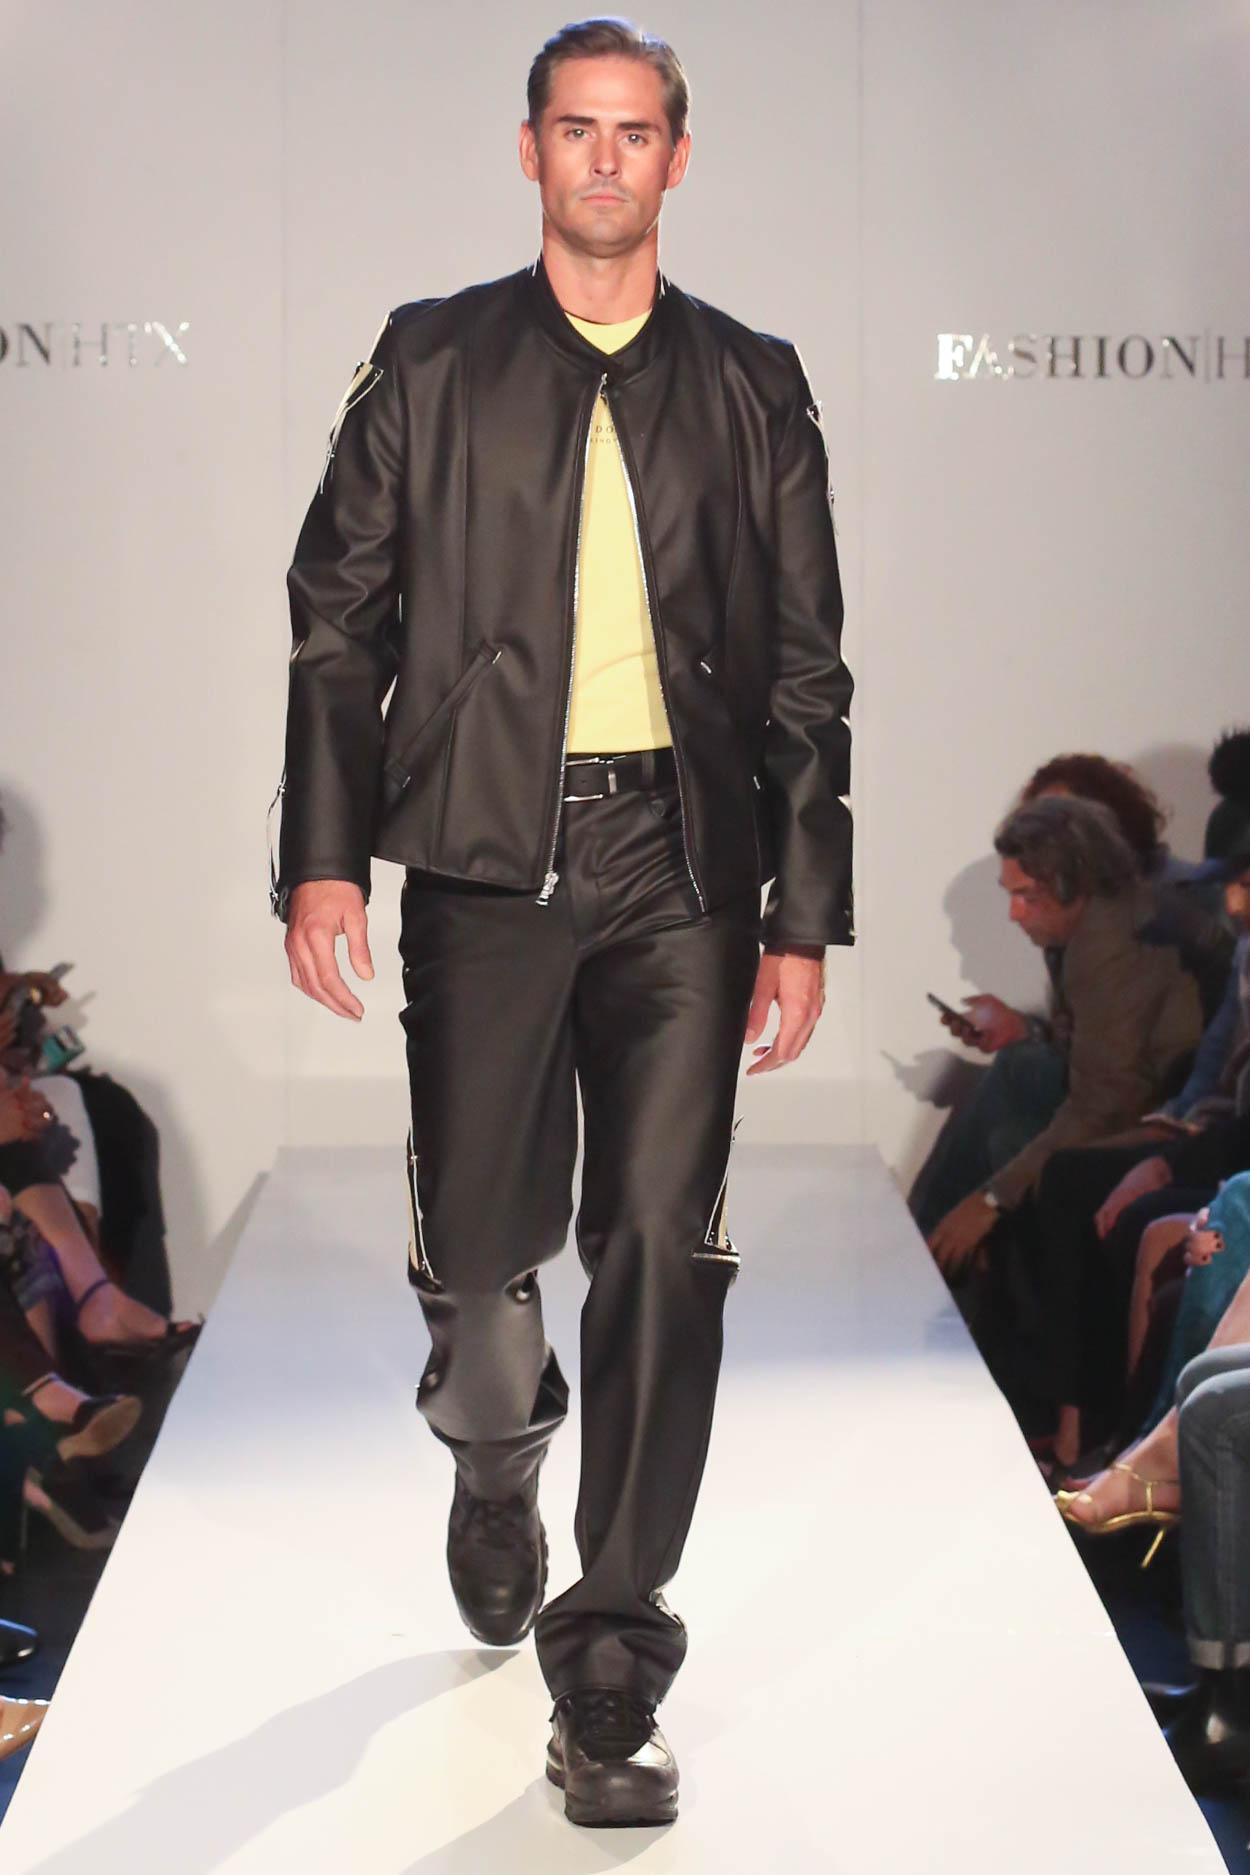 FashionHTX_022.jpg